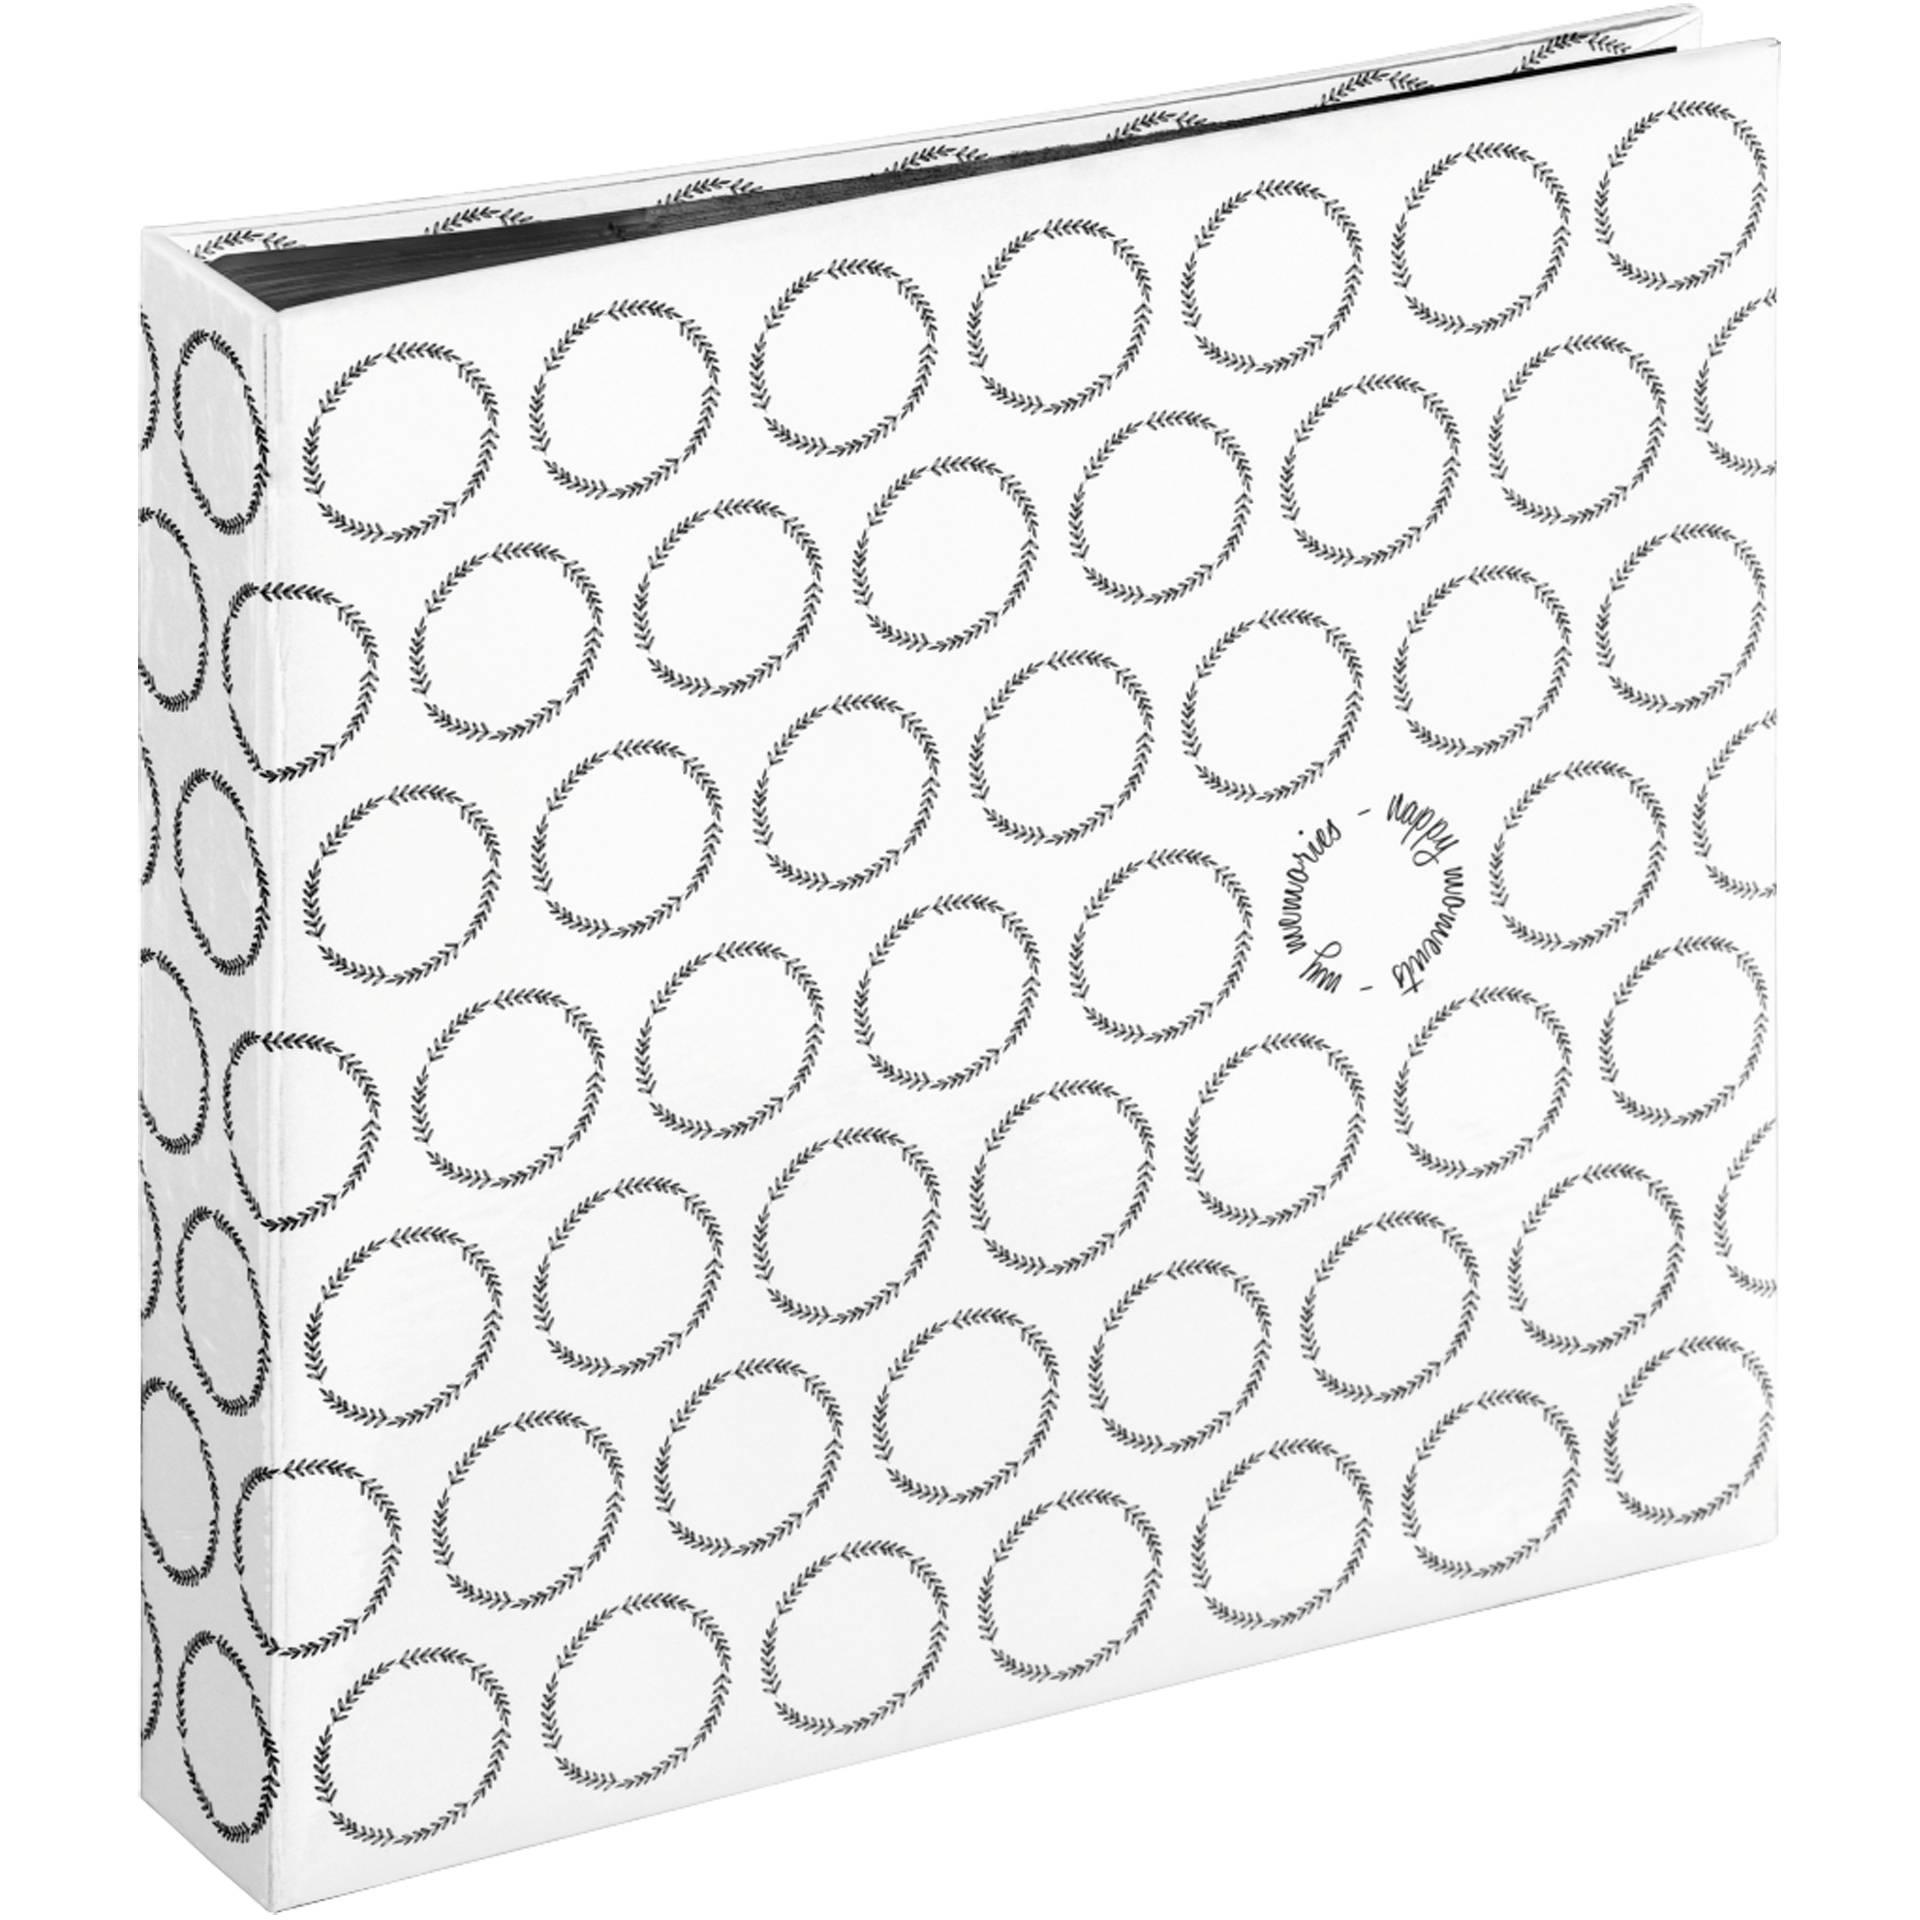 Hama Ivy Jumbo White 30x30 - 80 black pages